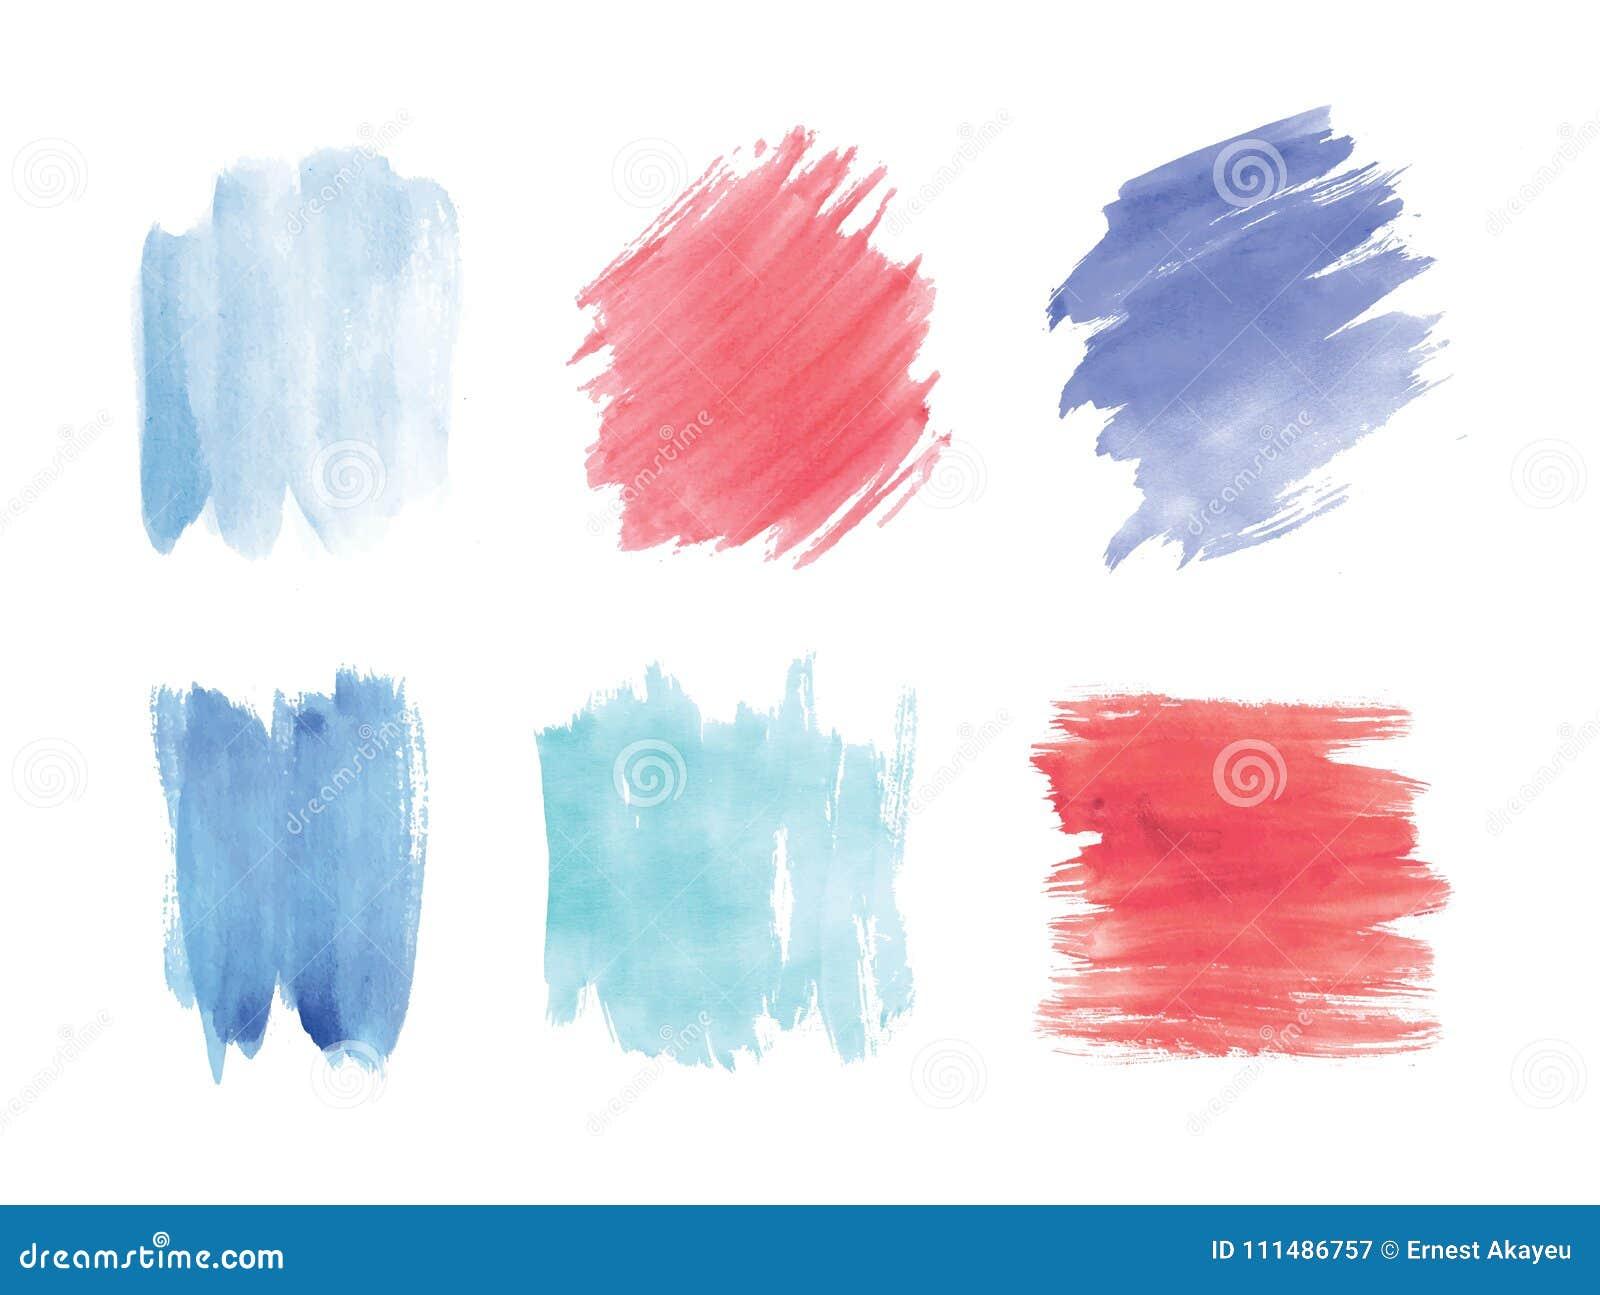 Samlingen av sudd eller fläckhanden målade med vattenfärgen som isolerades på vit bakgrund Packe av konstnärliga målarfärgspår